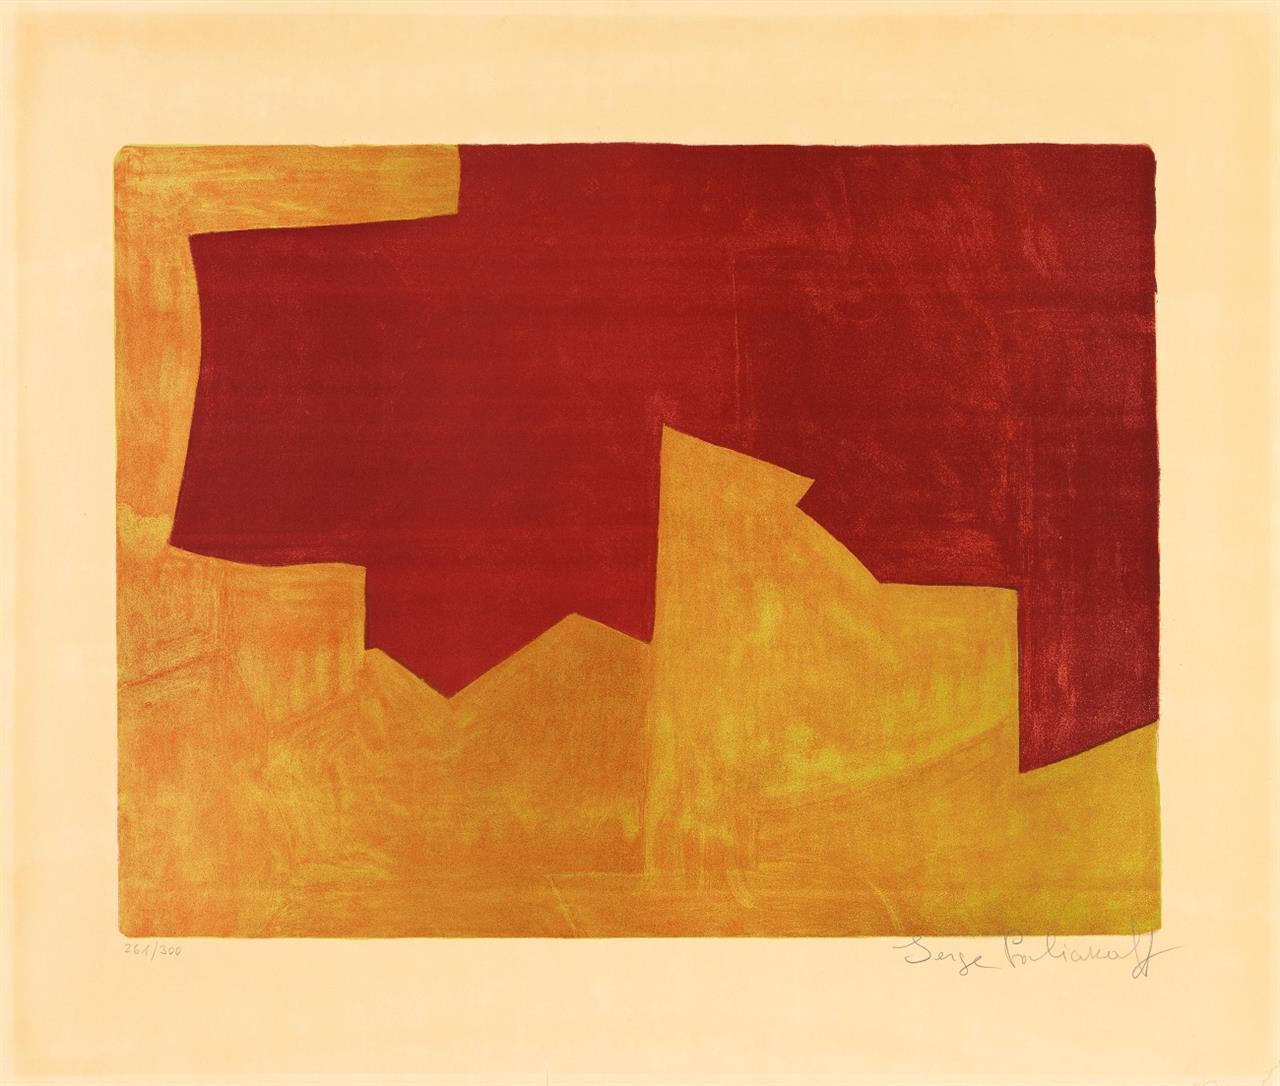 Serge Poliakoff. Komposition in Burgunderrot und Orange. 1963. Farblithographie. Signiert. Ex. 261/300. Poliakoff/Schneider 39.